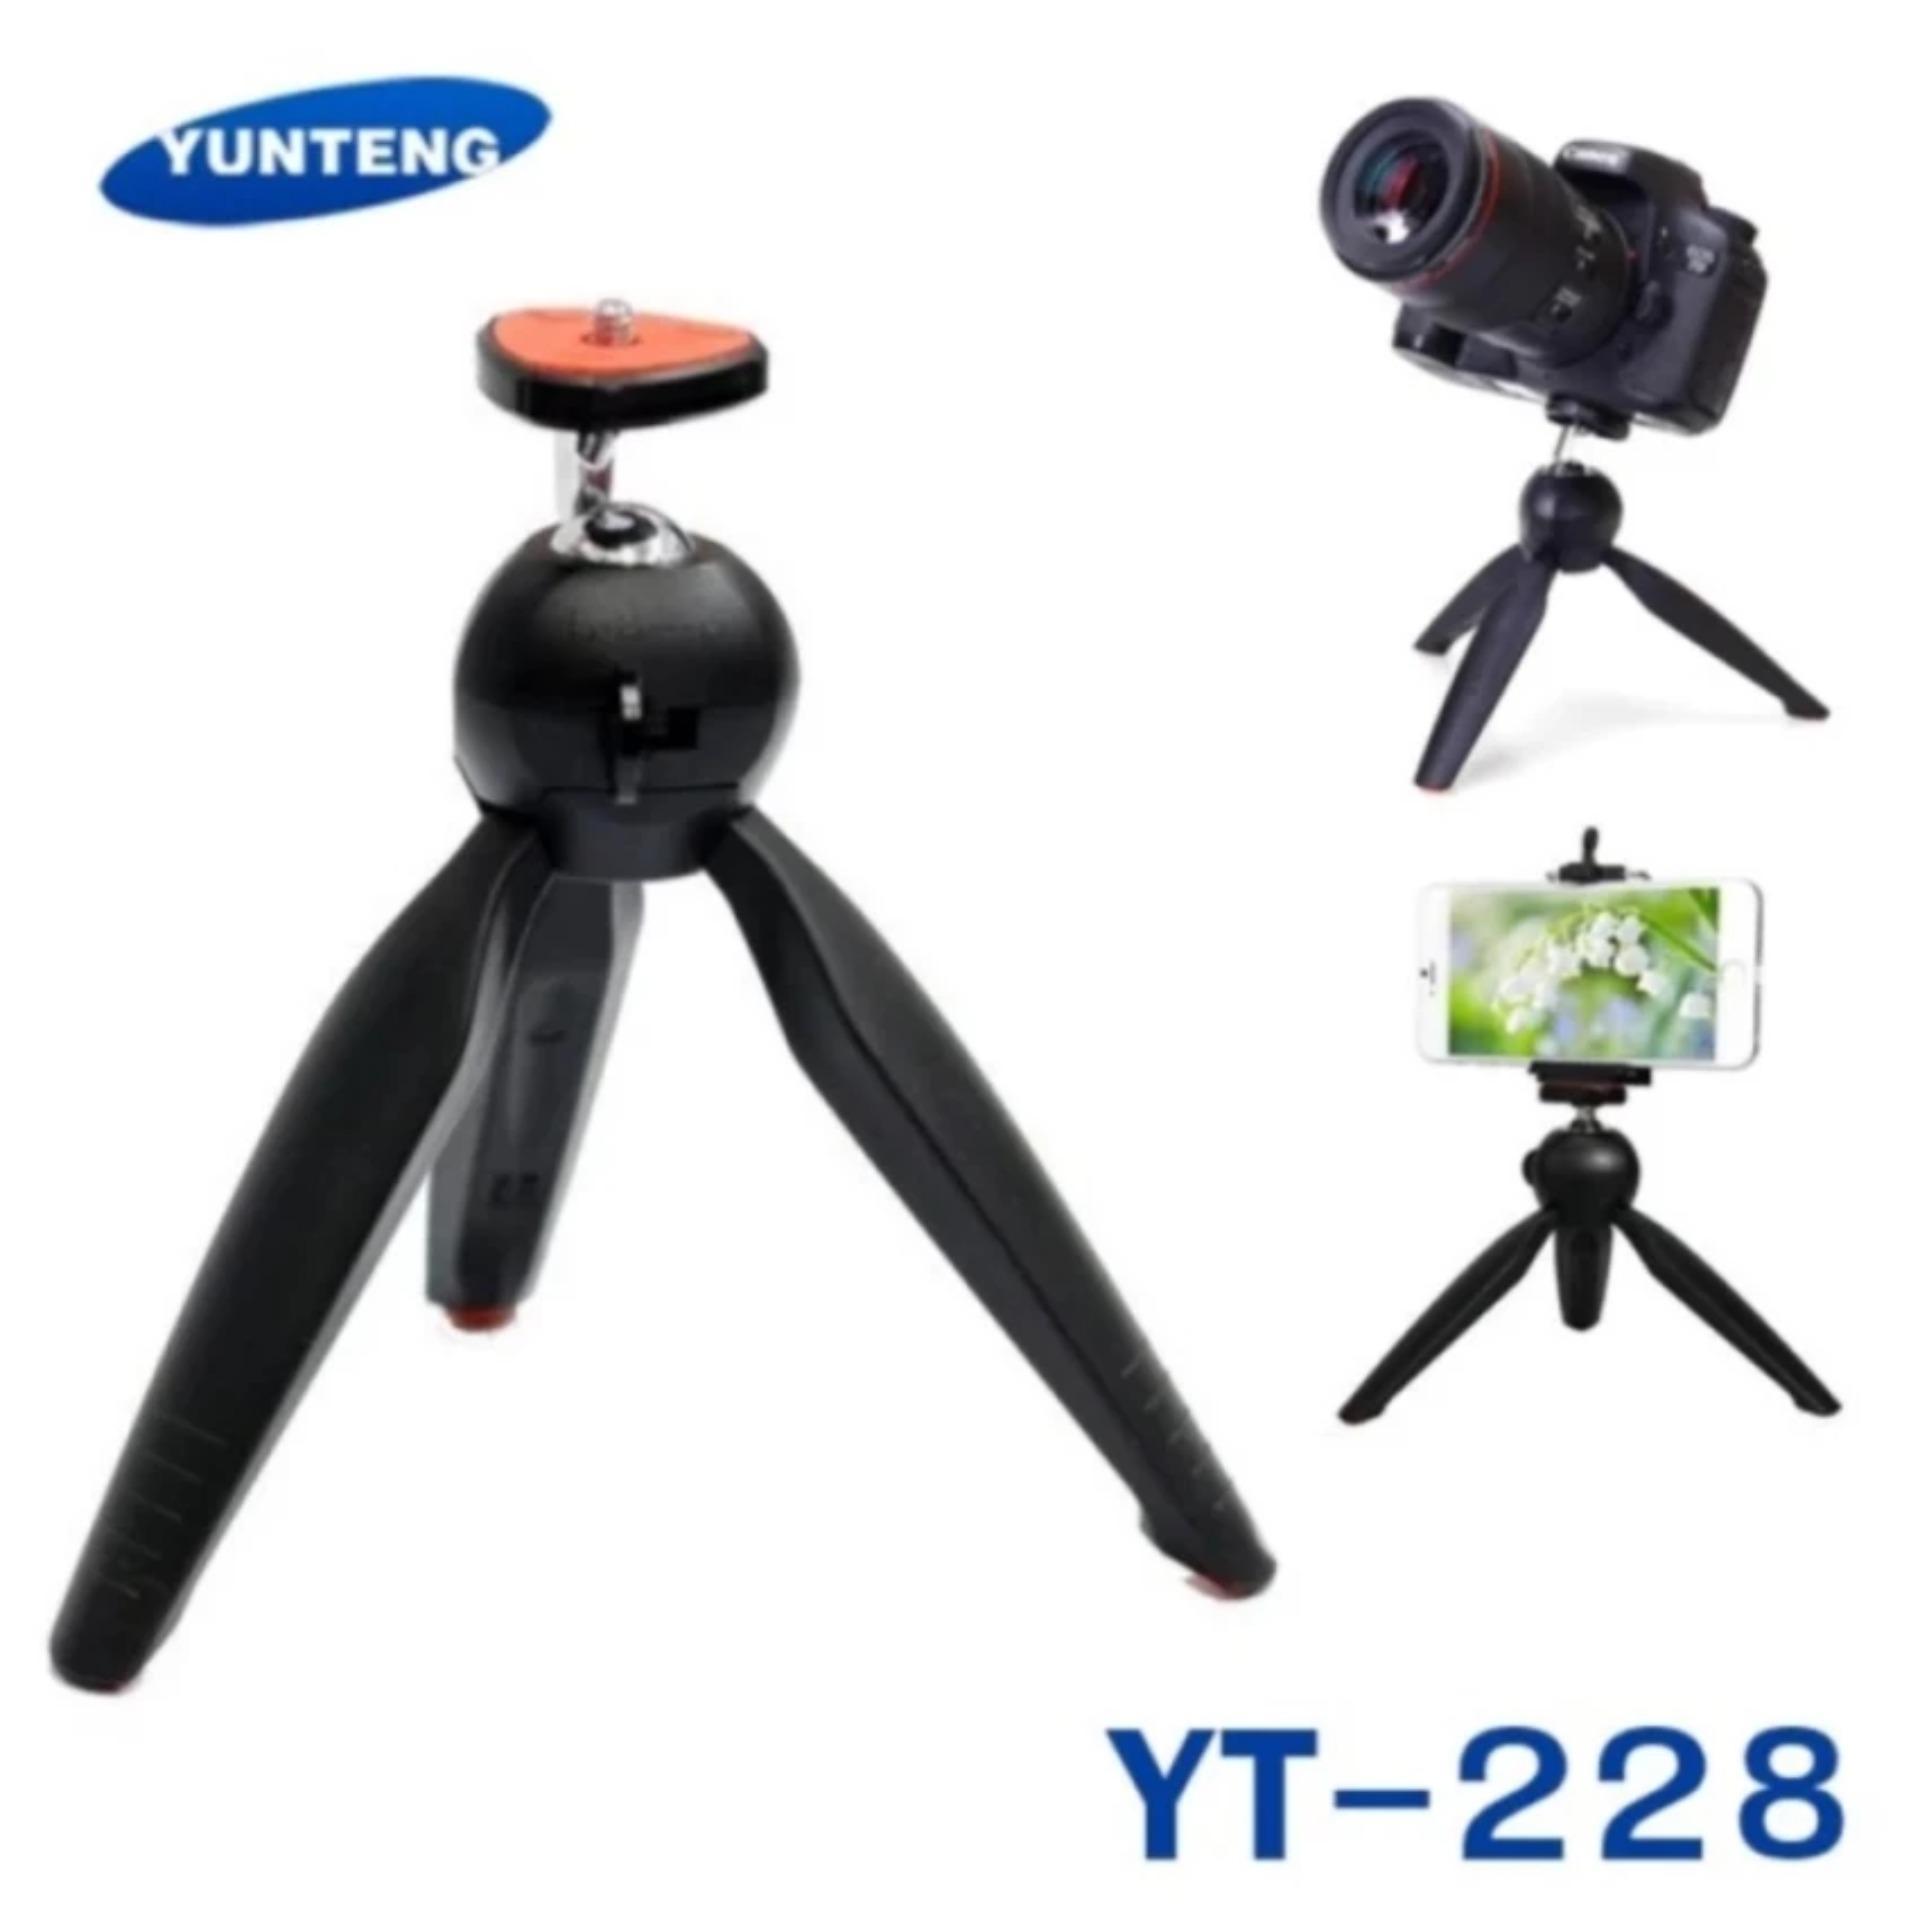 Tripod Yunteng Mini YT-228 Original - Hitam